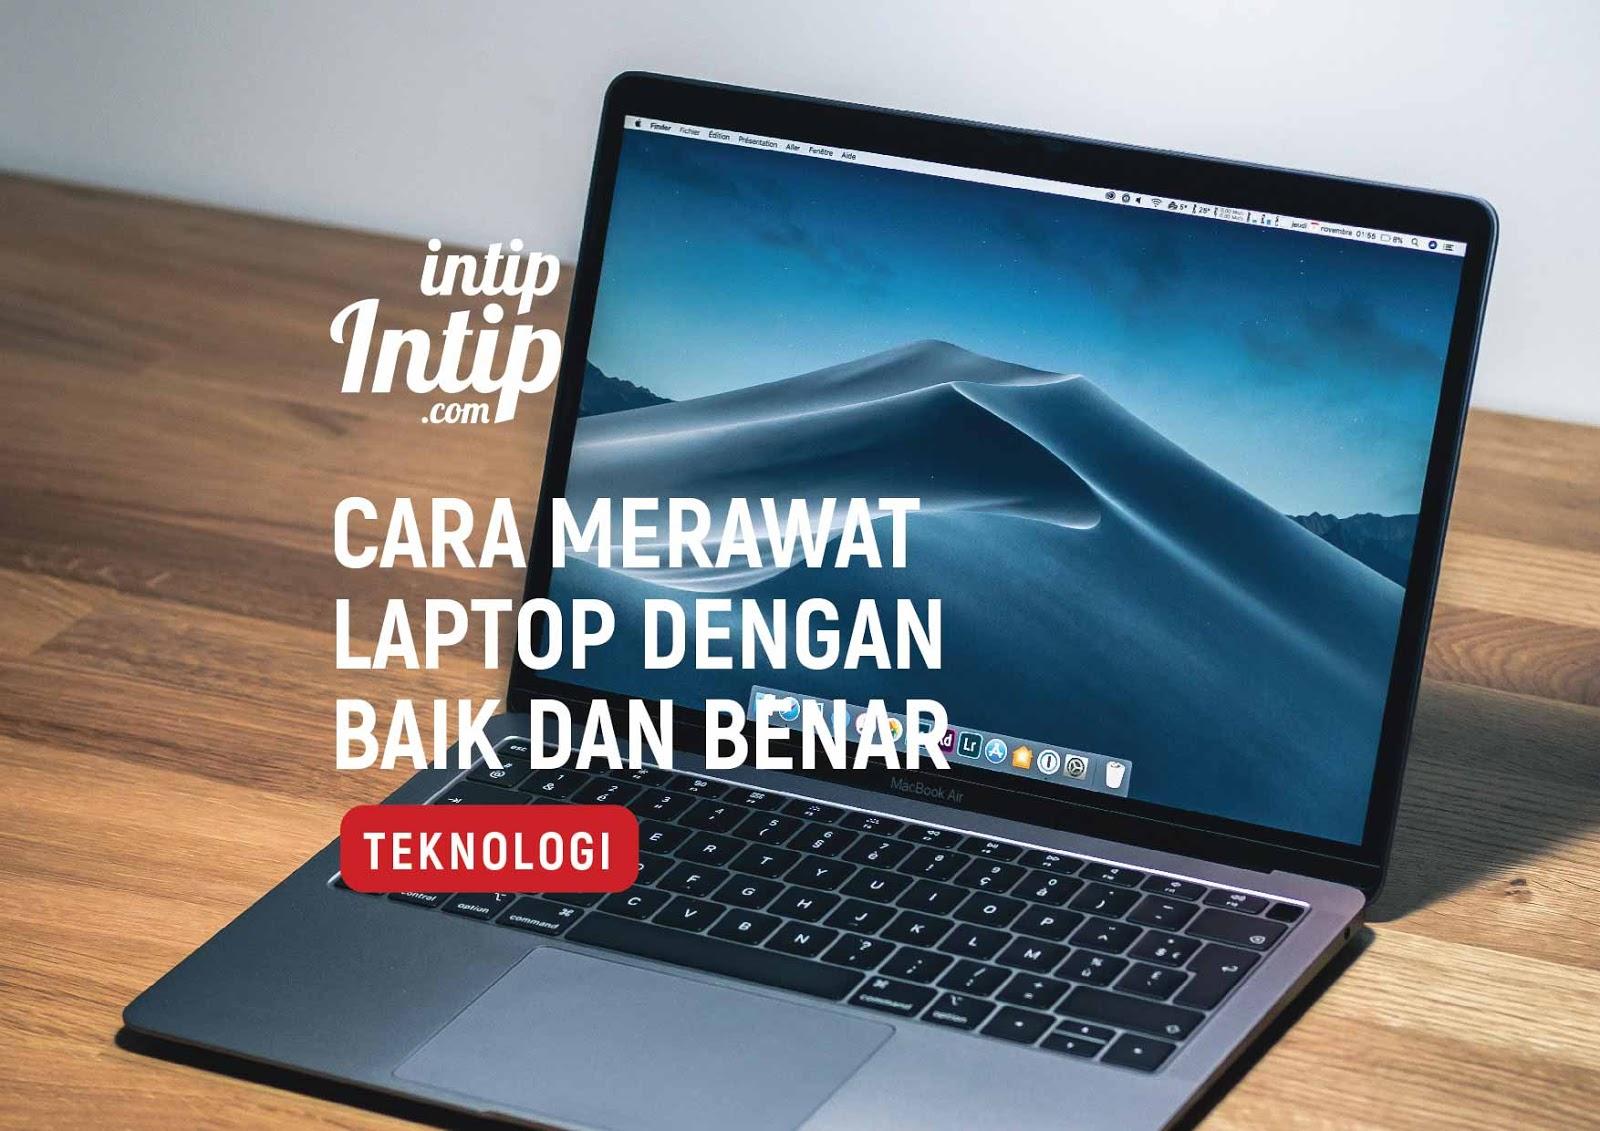 Agar Laptop Awet dan Tidak Mudah Rusak, Ini Cara Merawatnya!